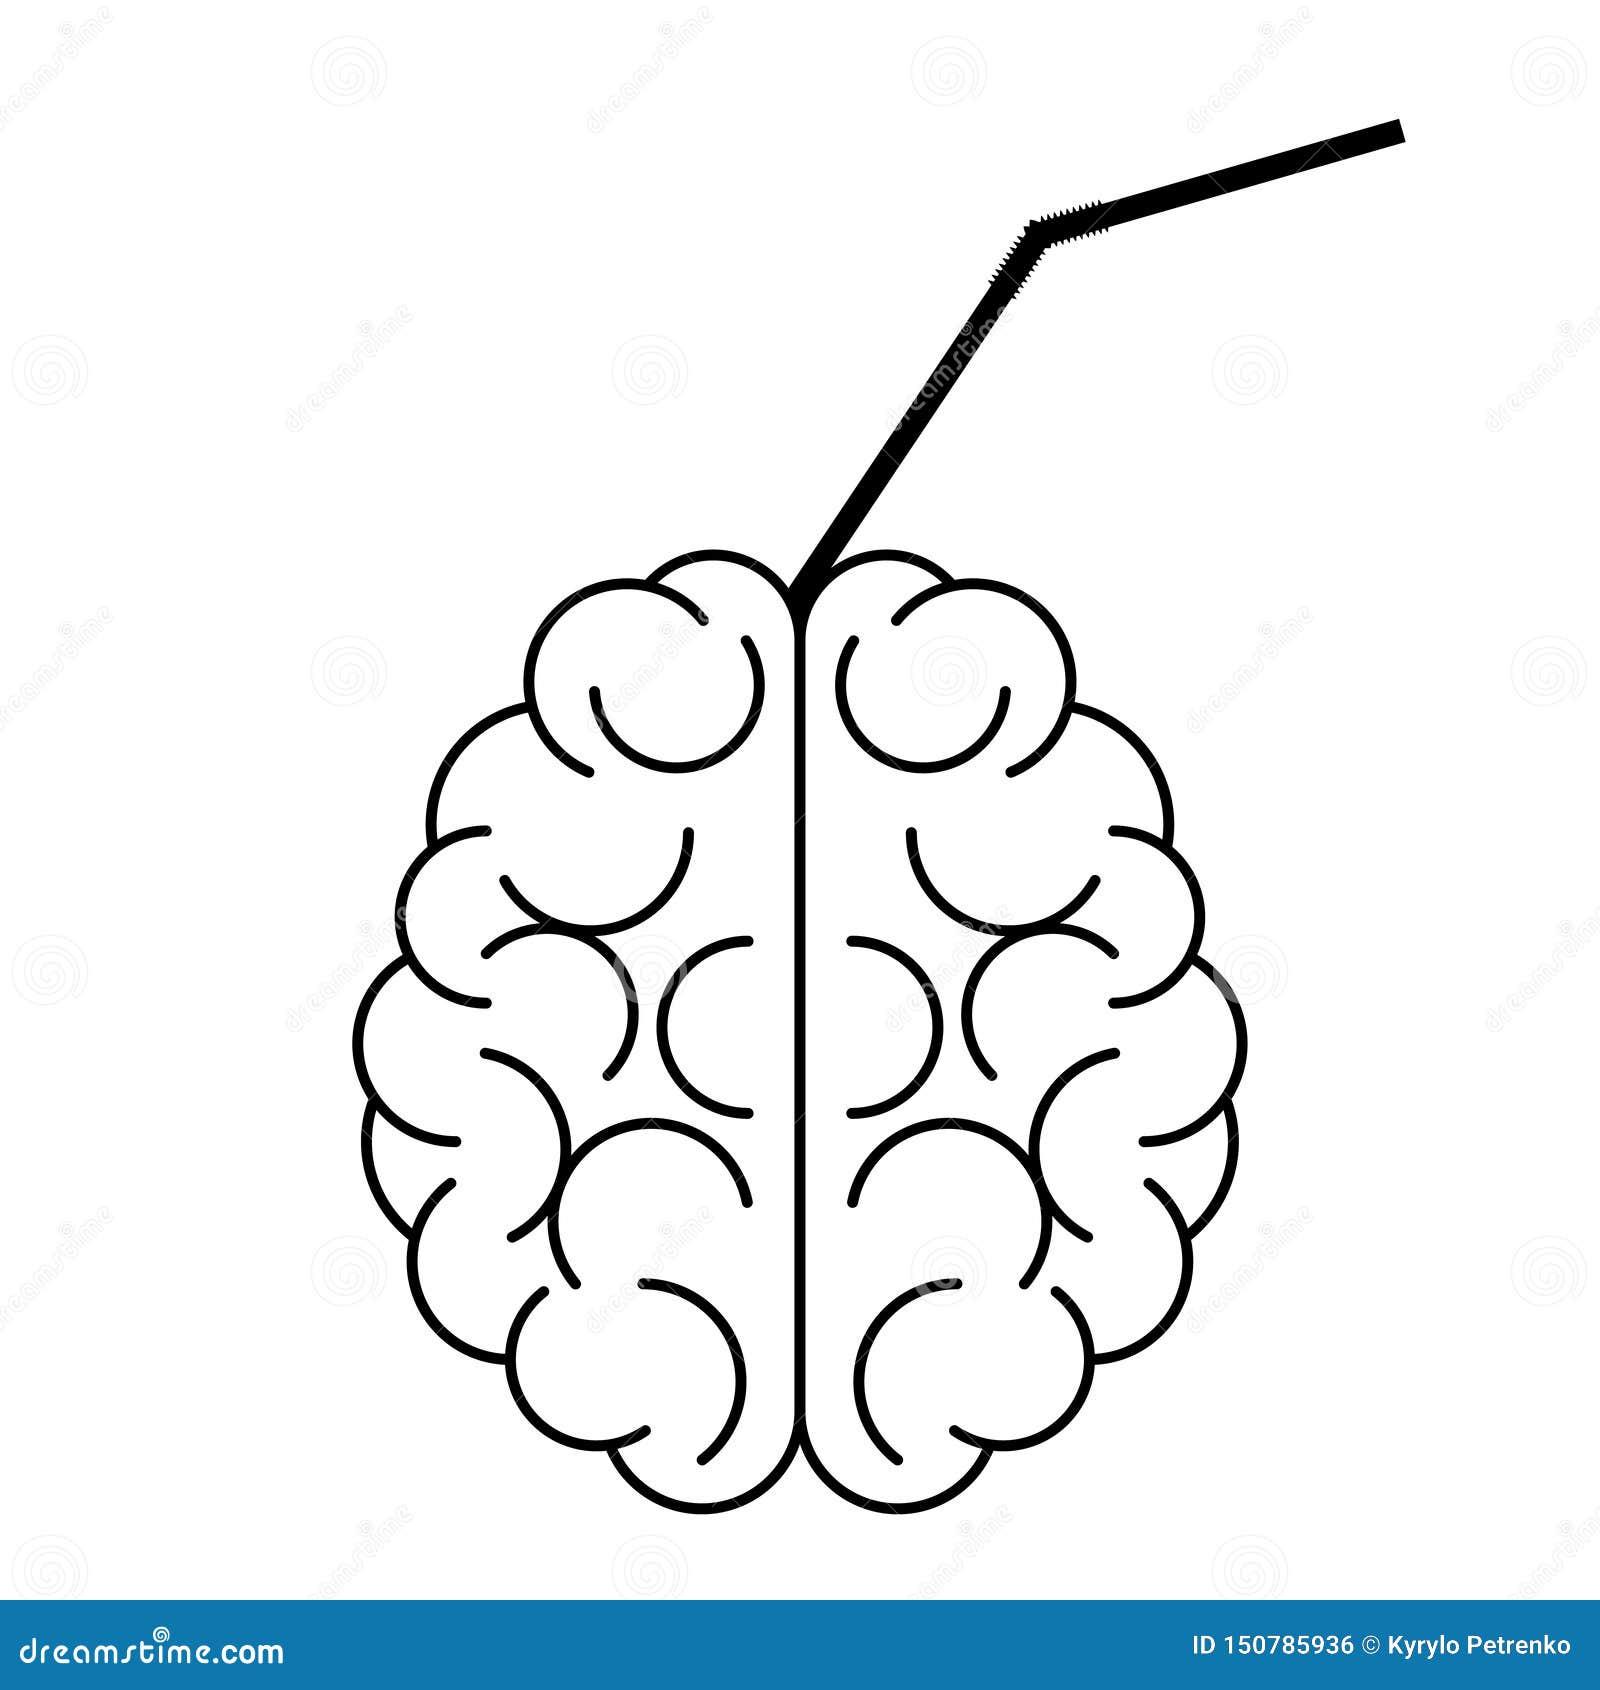 Gehirnikone mit Cocktailrohr in ihm